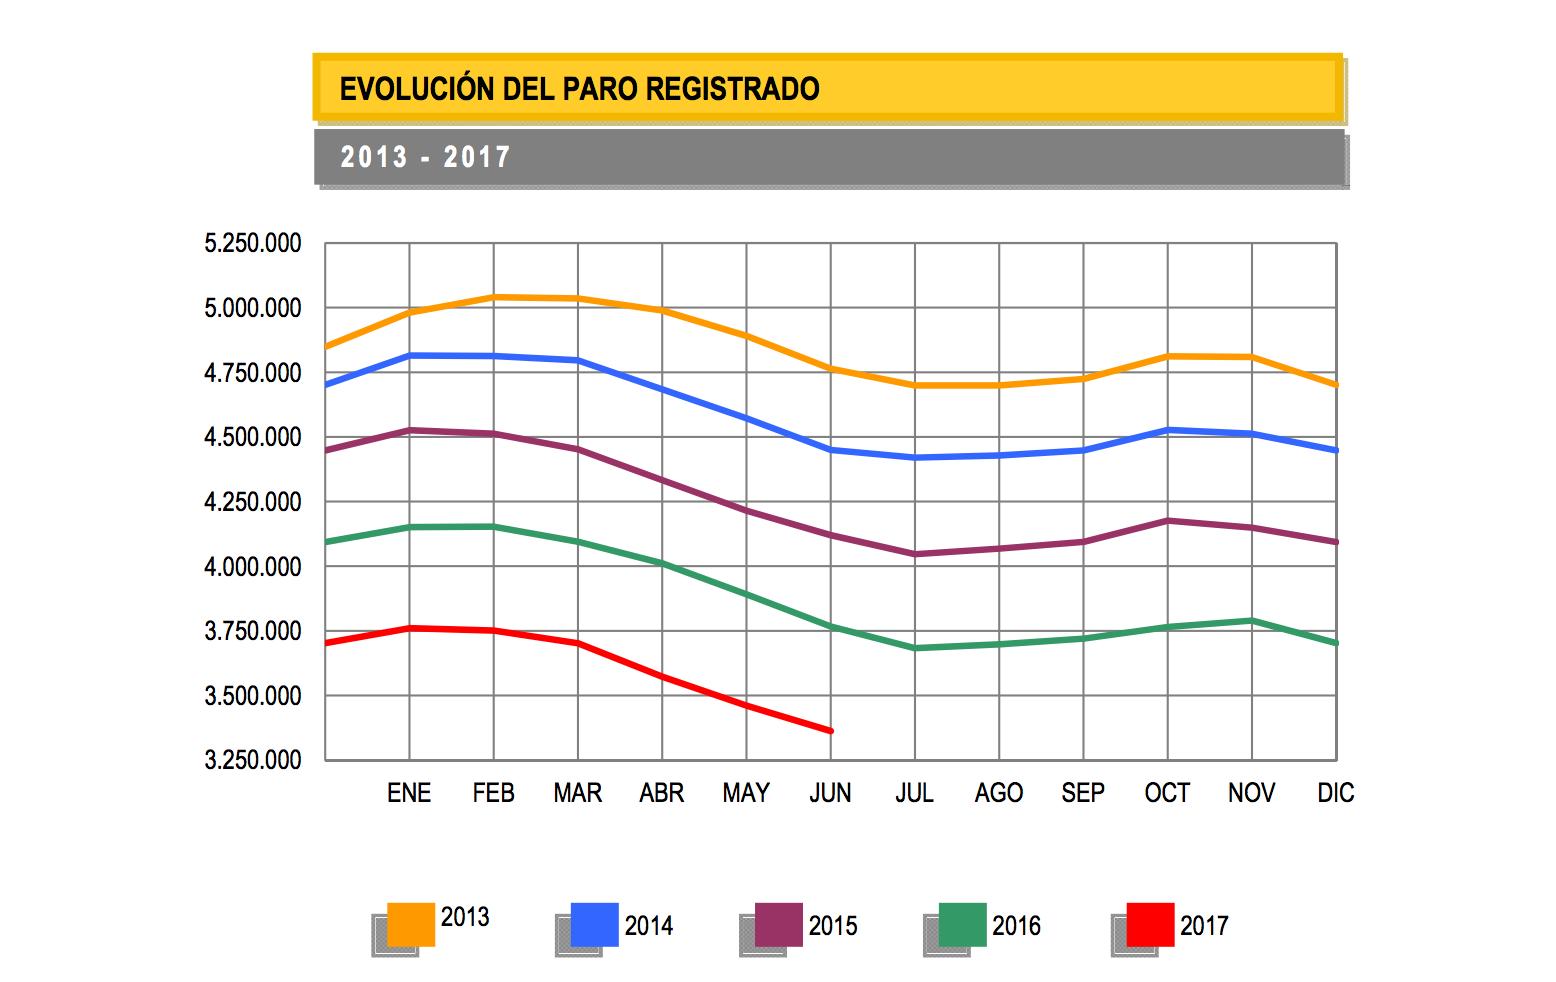 evolución del paro registrado en España junio 2017 Altair Finance